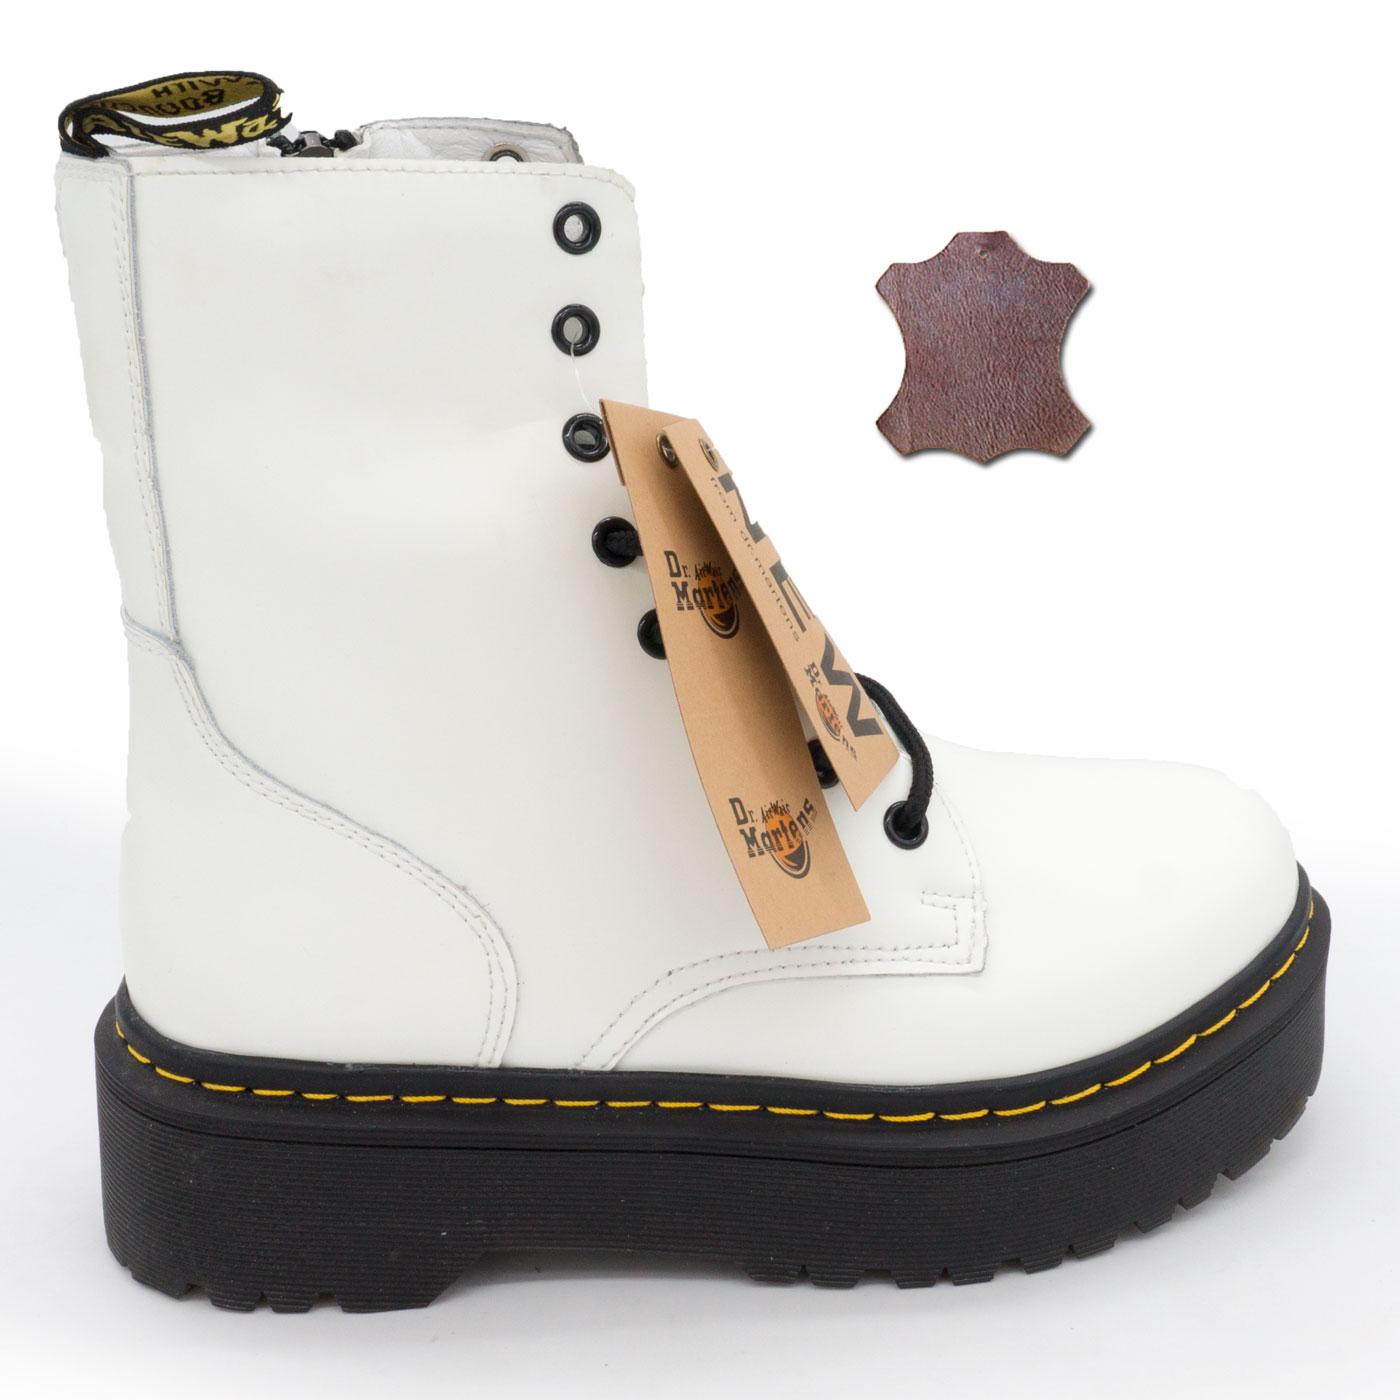 фото main Белые женские ботинки в Dr. Martens на платформе, натуральная кожа - Топ качество! main